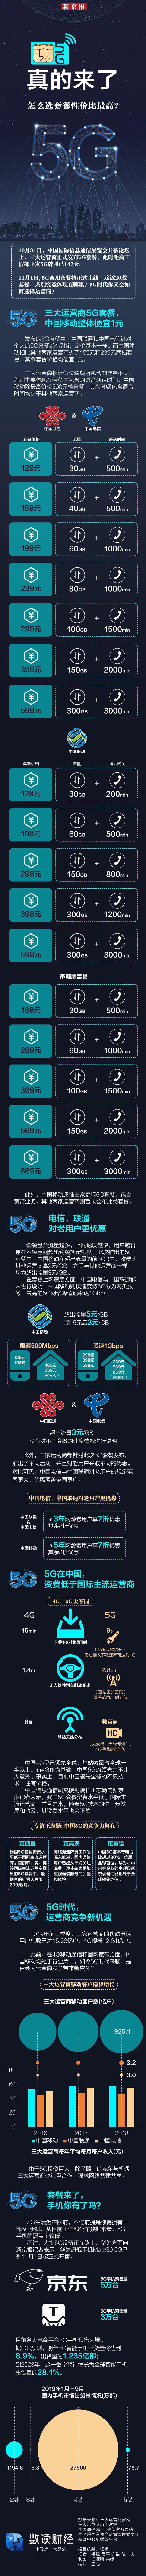 谁能推荐一下赌博游戏平台 北京市已展开P2P网贷行政核查工作 多城区轮流进行